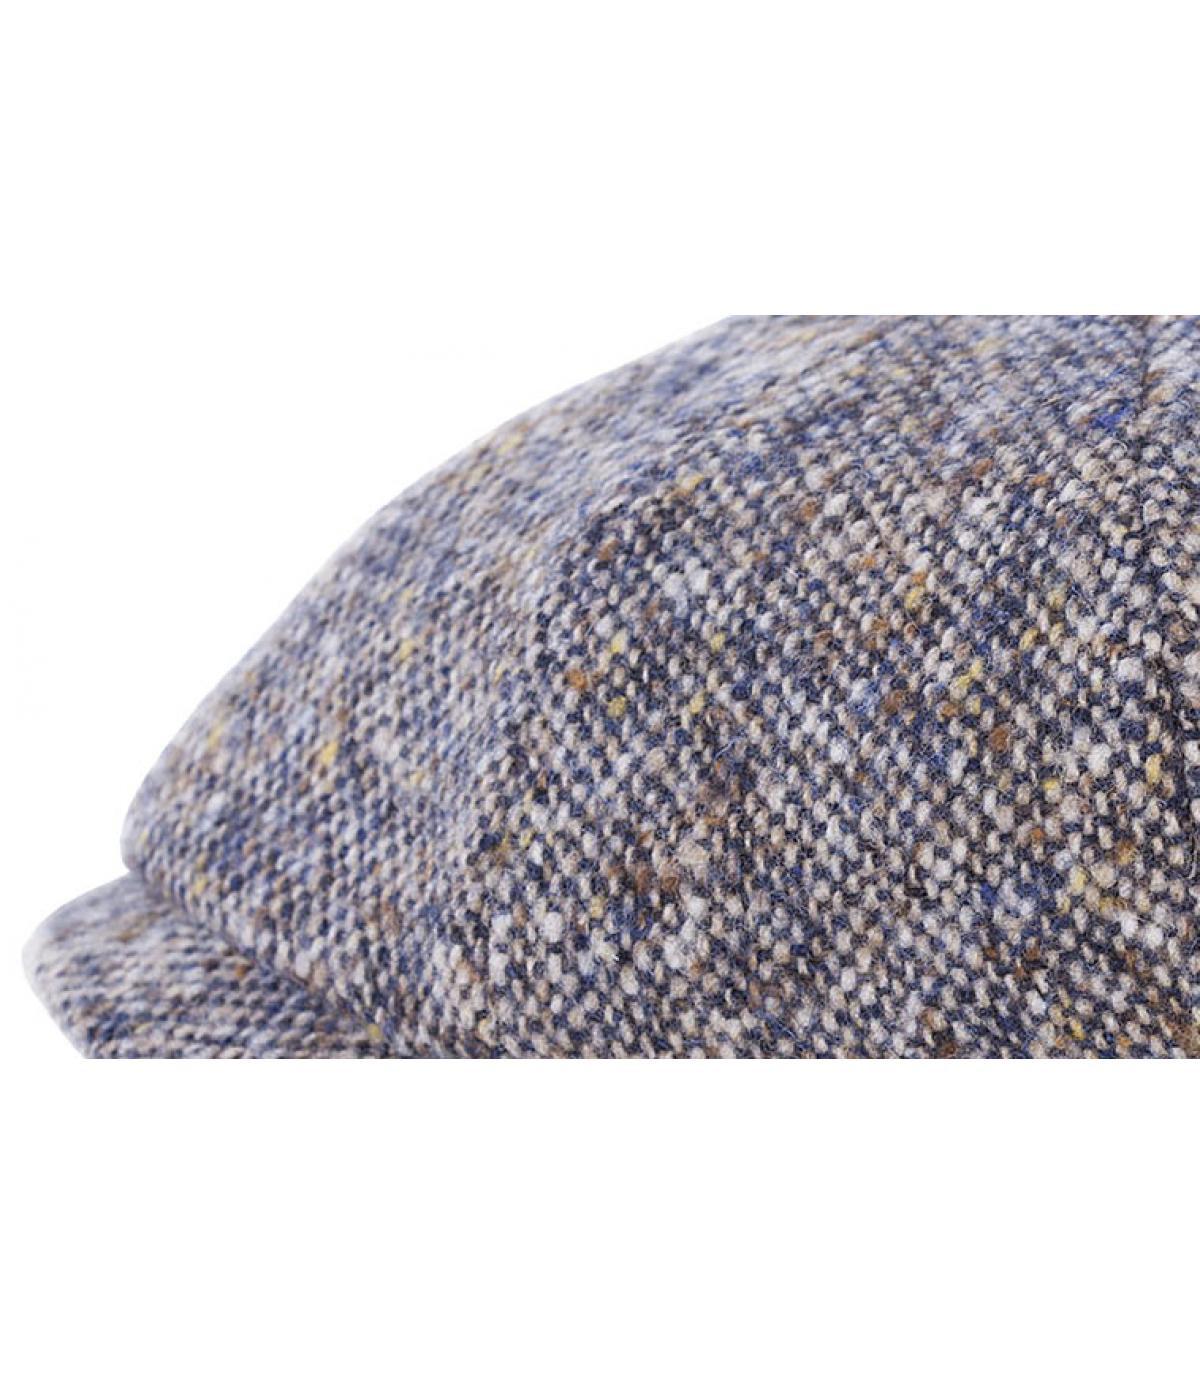 Details Hatteras Fischgrät Wolle blau - Abbildung 2